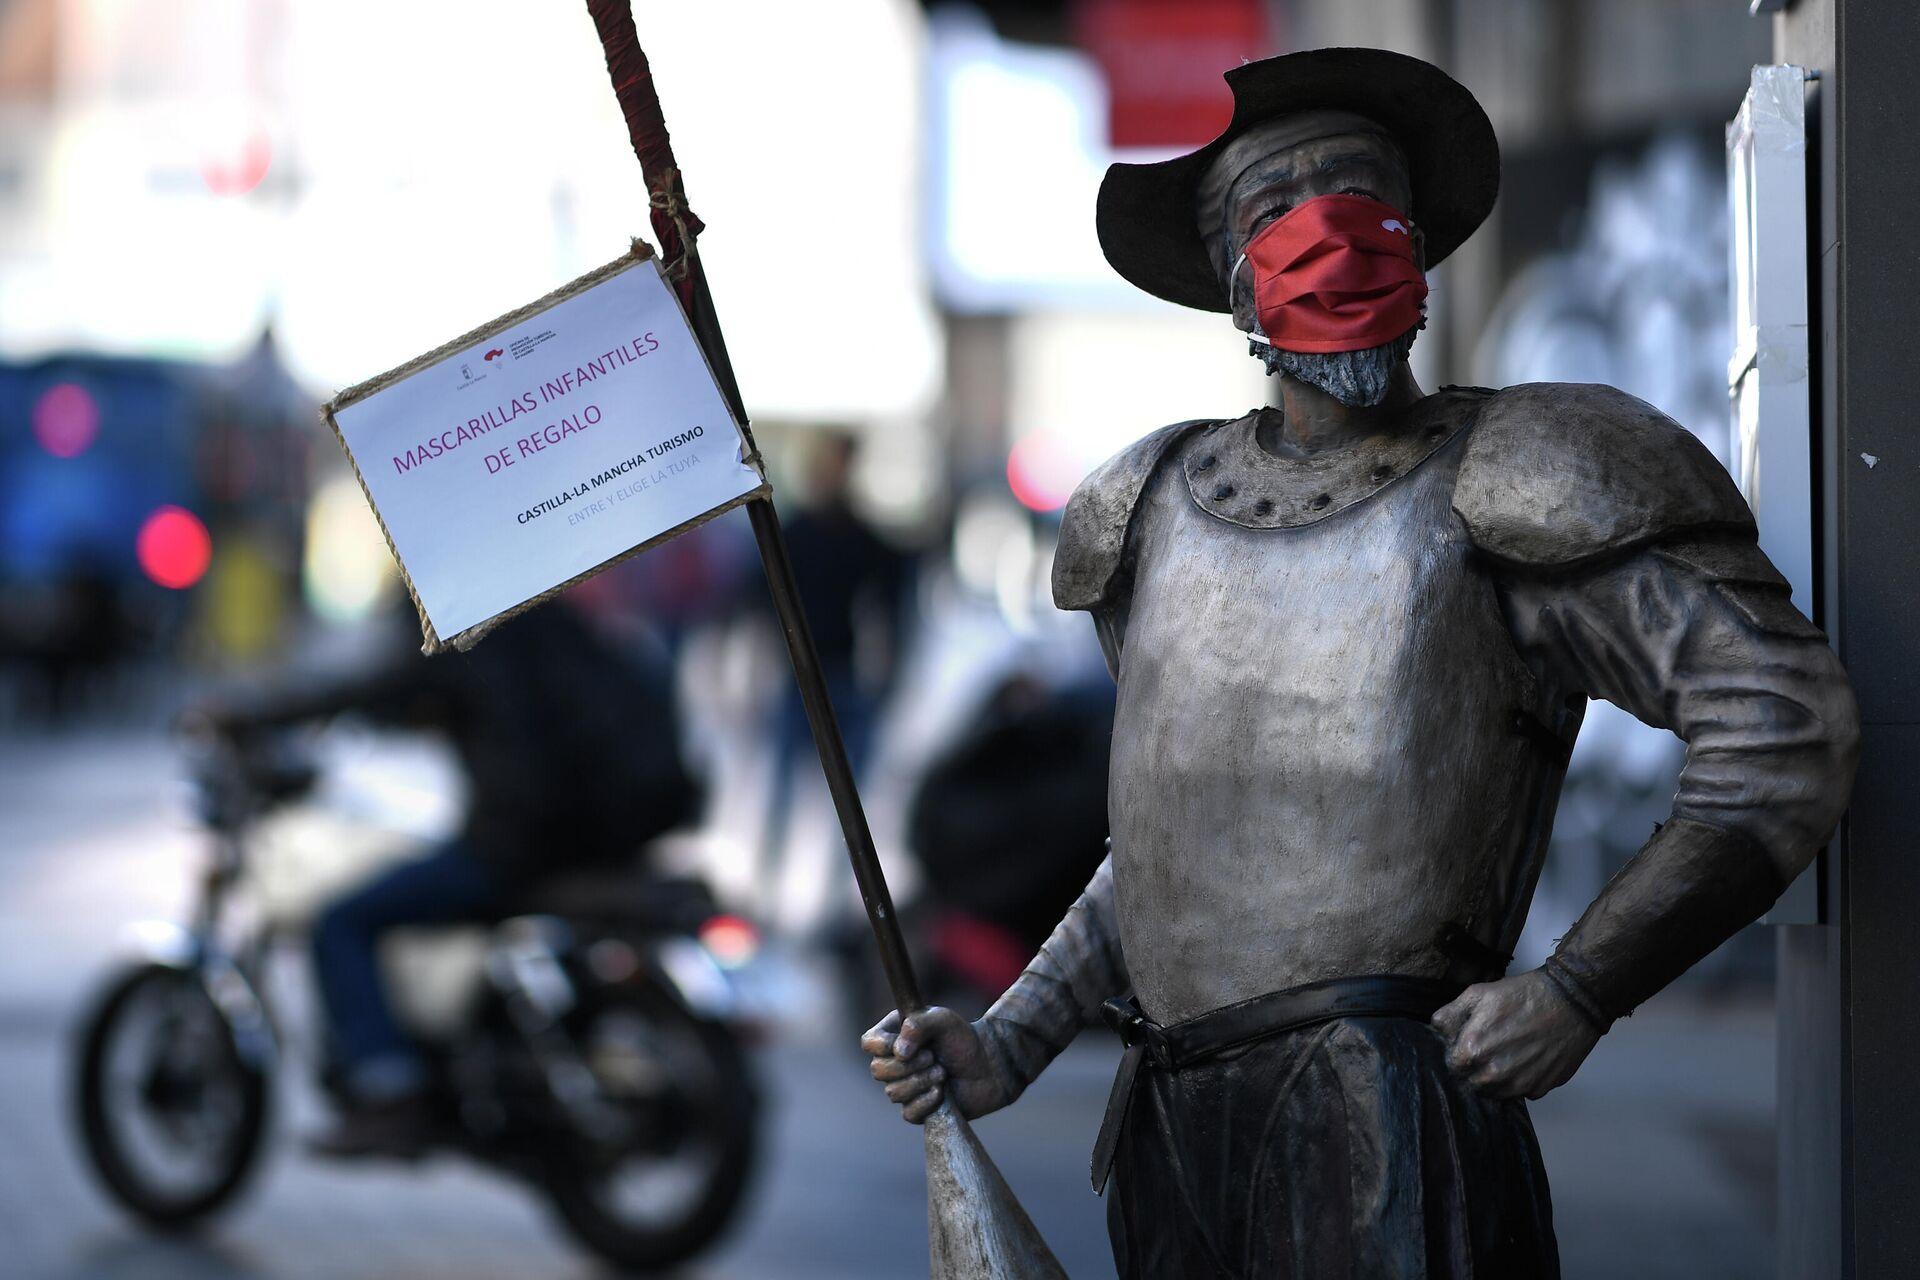 Статуя Дон Кихота в маске возле магазина на Гран Виа в Мадриде - РИА Новости, 1920, 17.11.2020